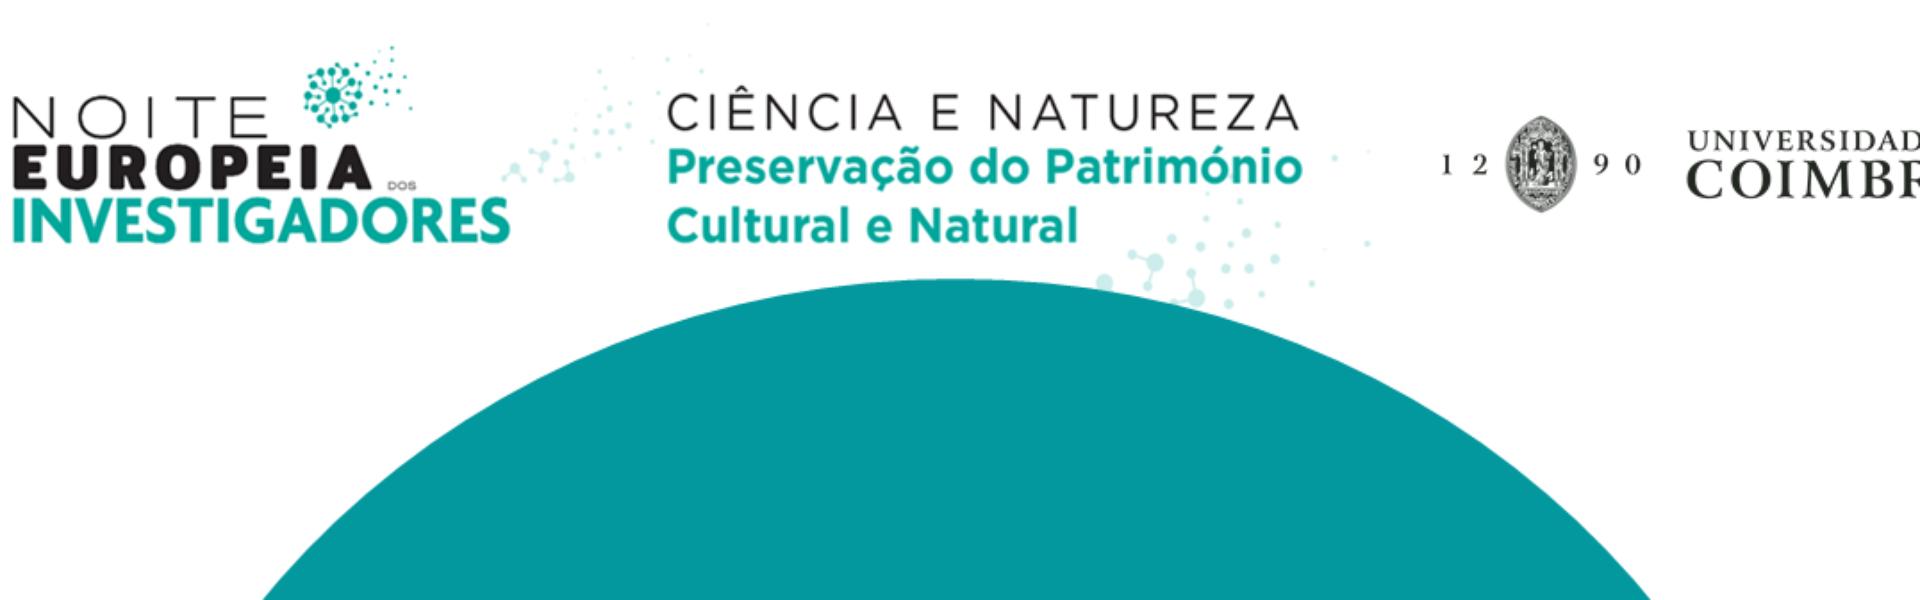 Noite Europeia dos Investigadores - NEI - 2020 - Exposição virtual